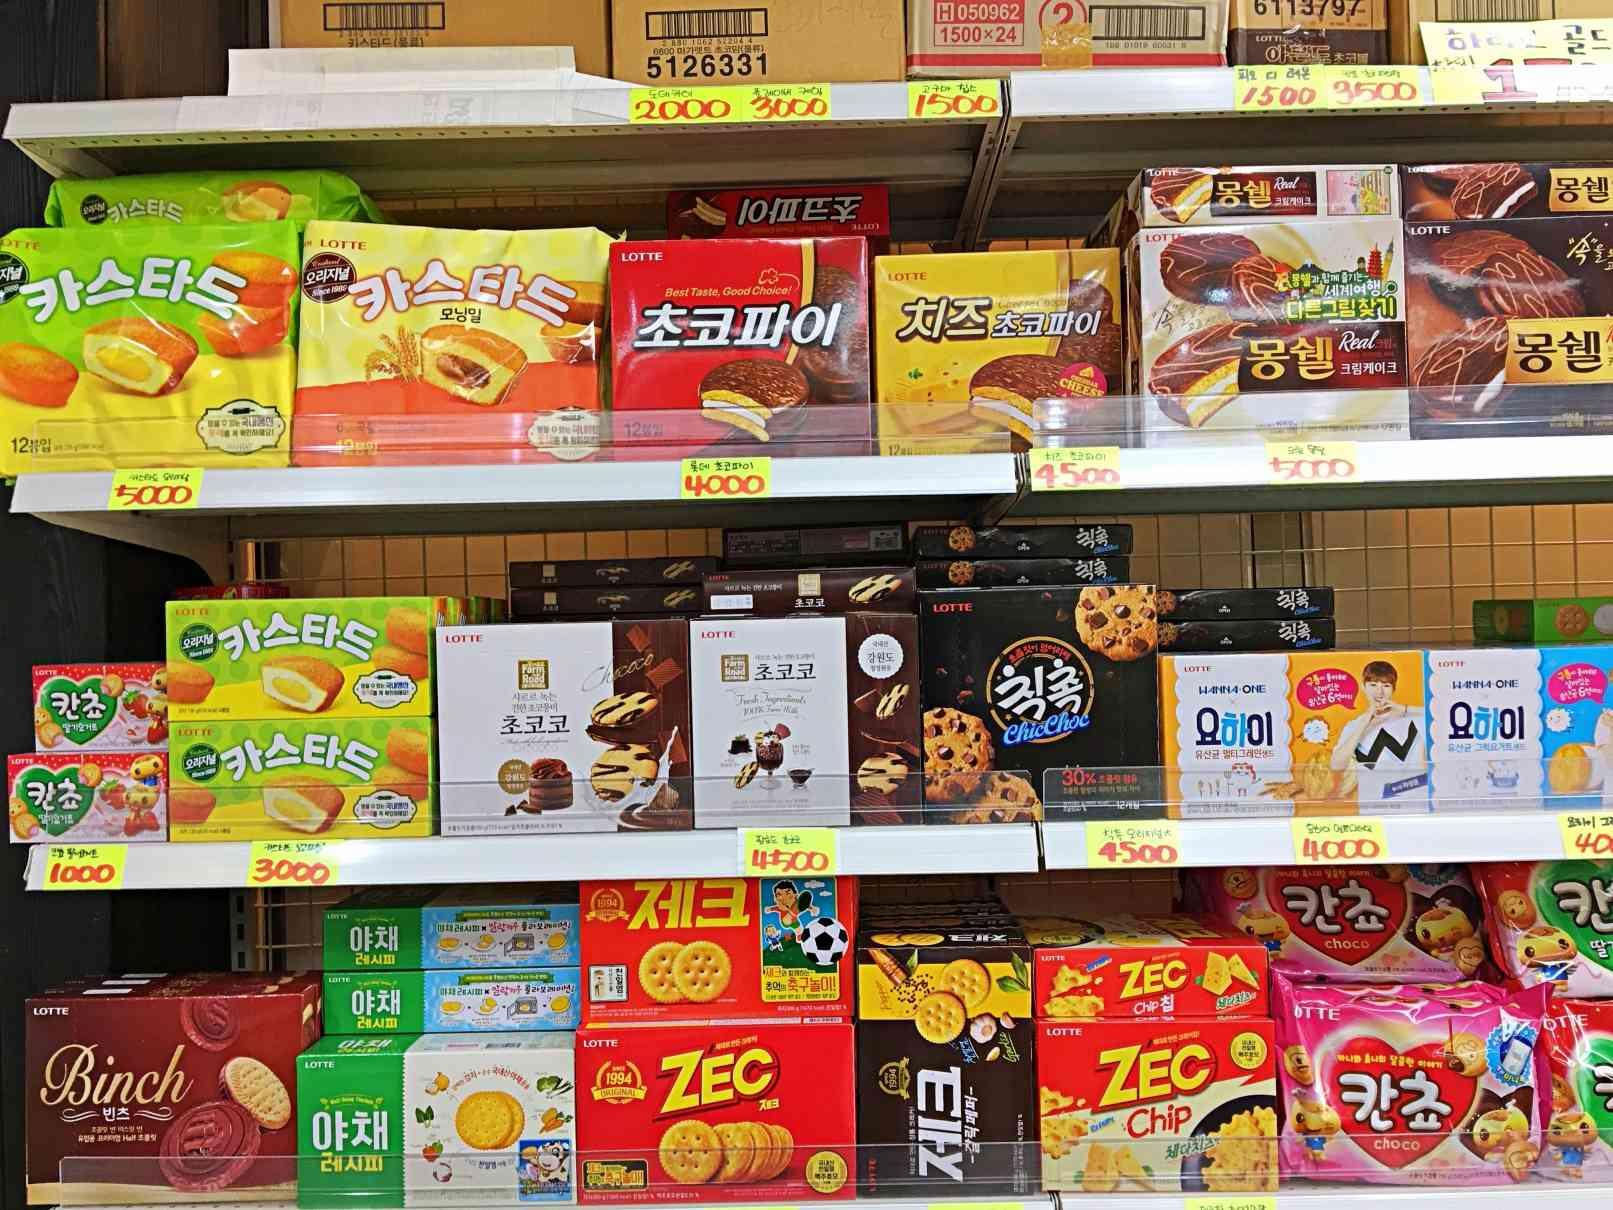 各種巧克力派、蛋黃派、曲奇餅乾等也都有。